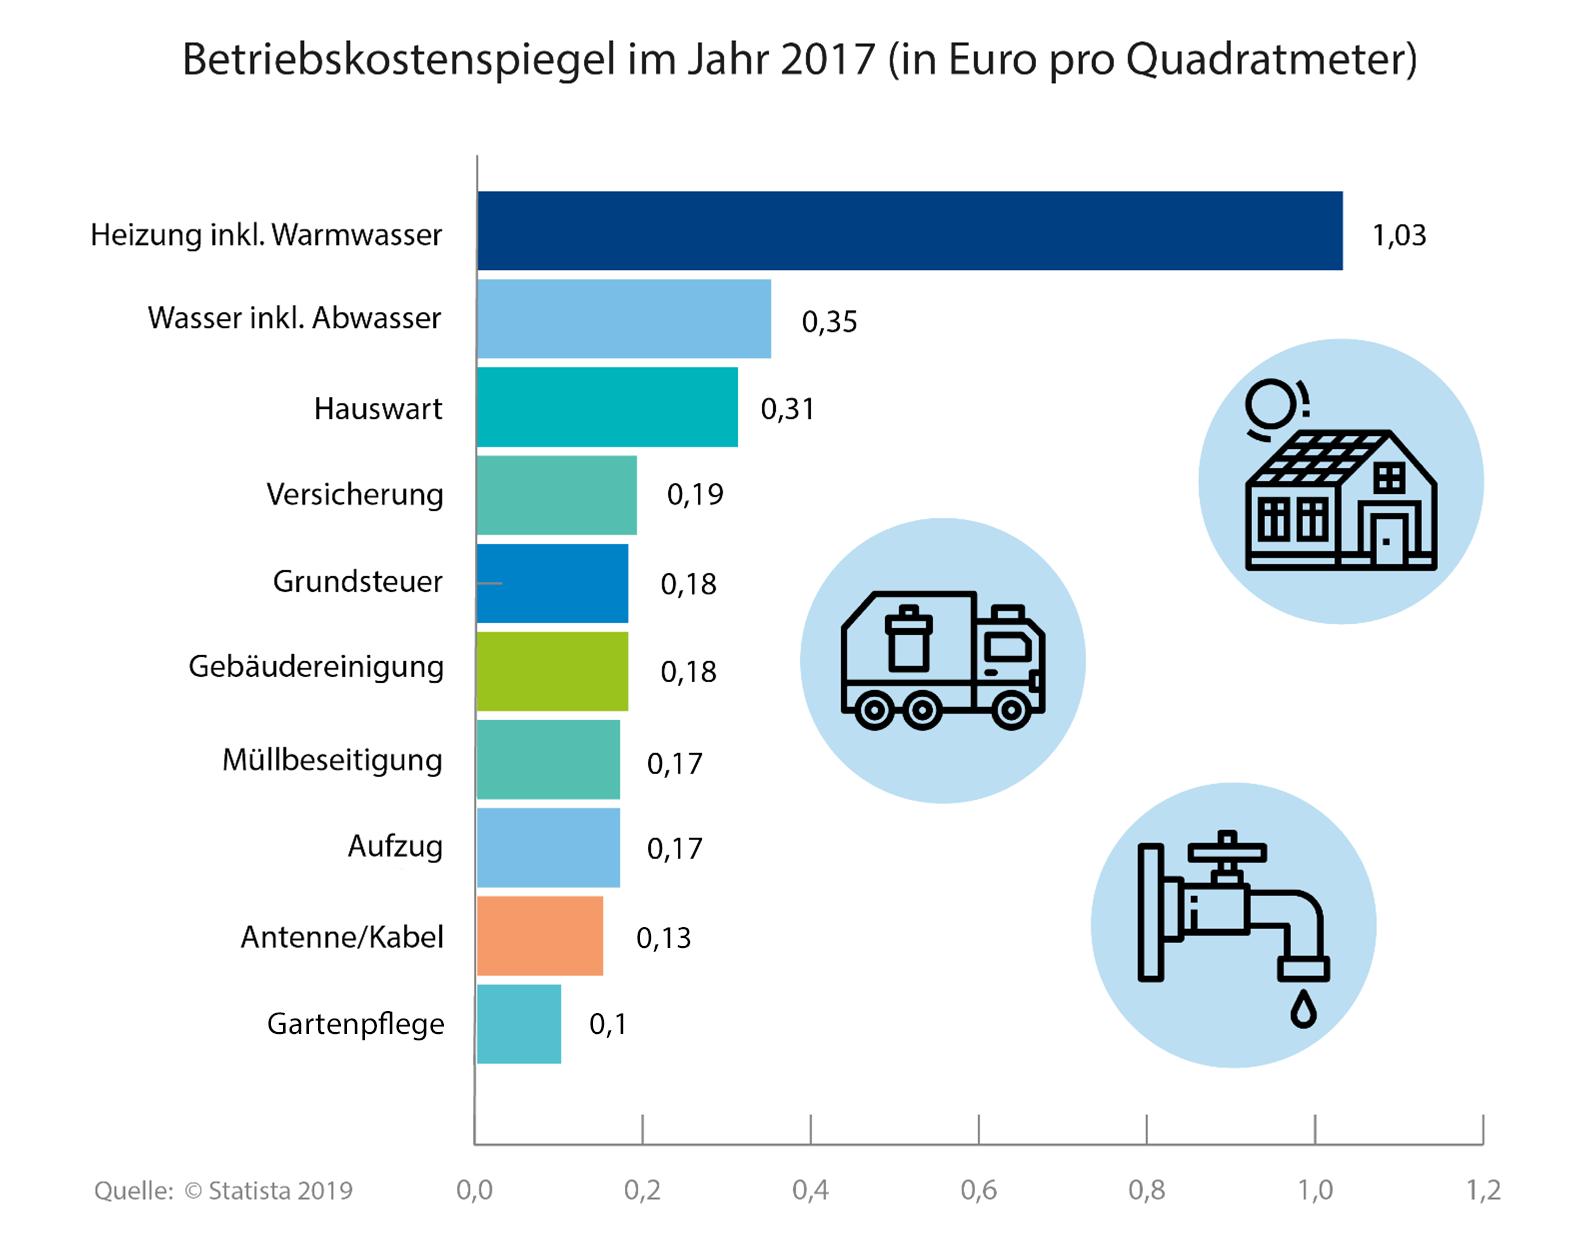 Betriebskostenspiegel 2017